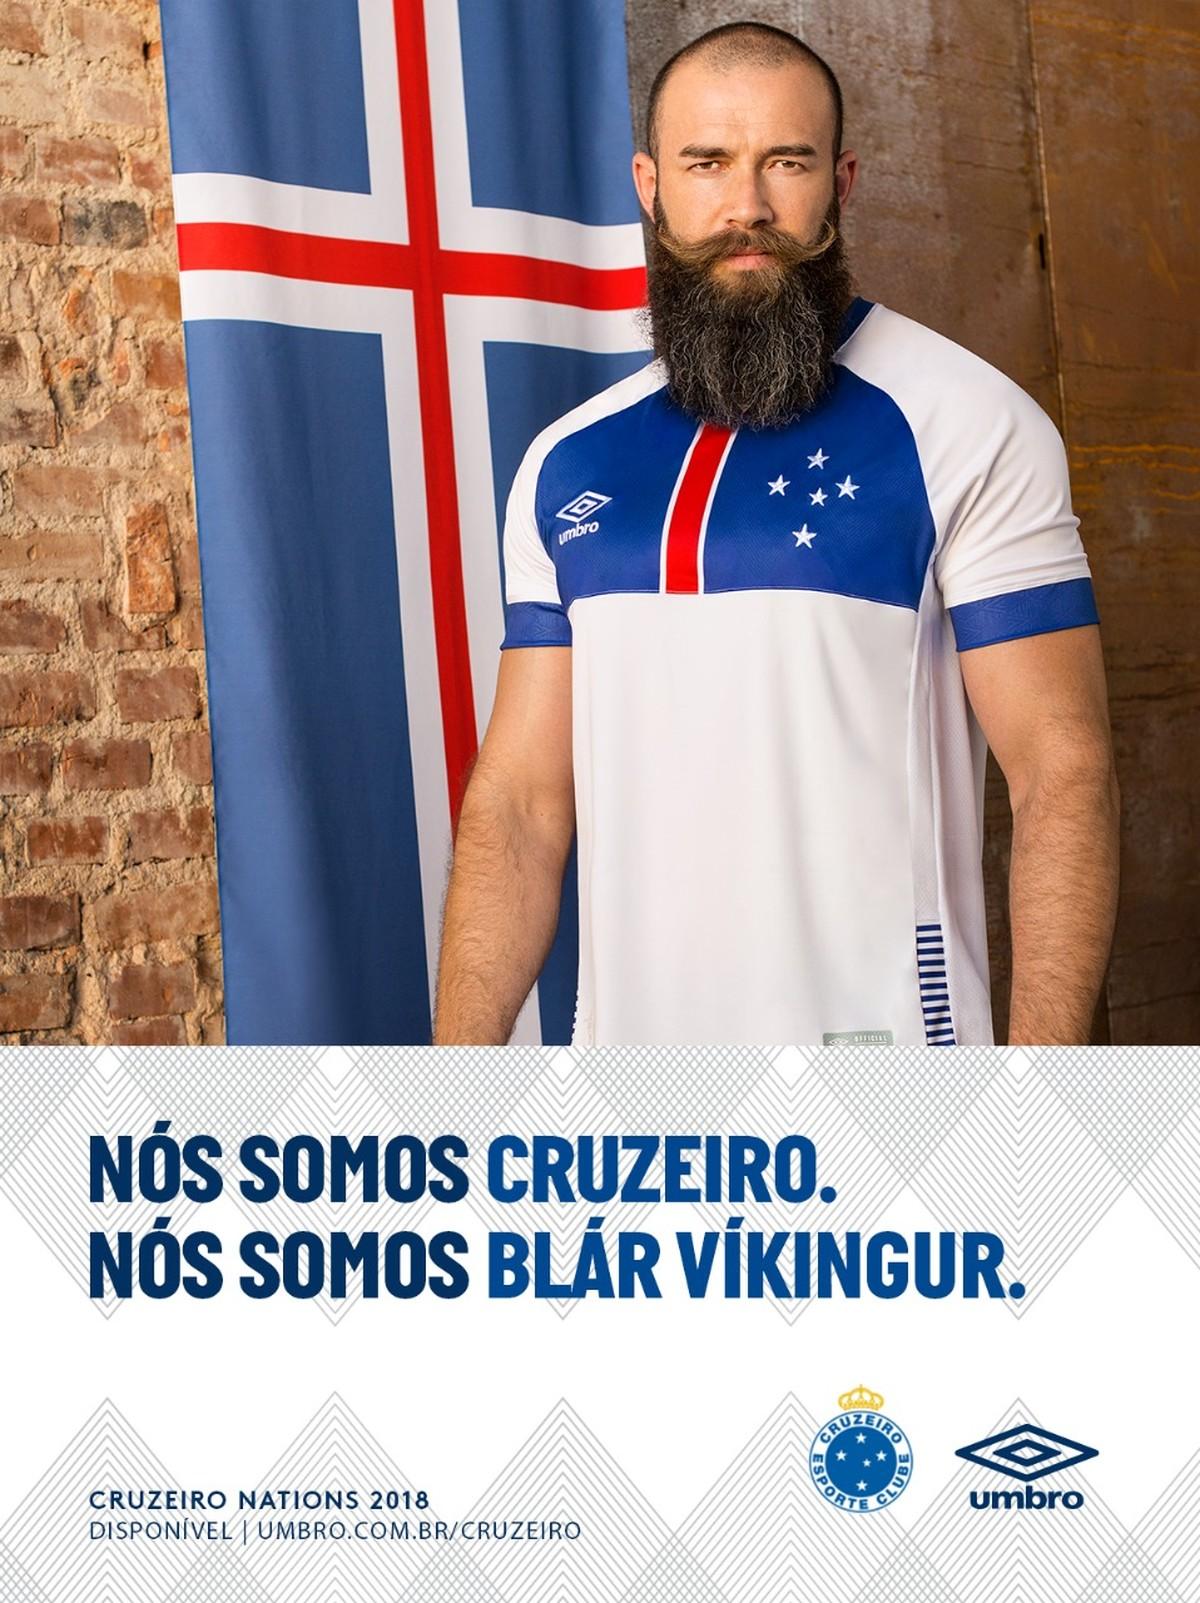 Segunda camisa do Cruzeiro é lançada com homenagem à seleção da Islândia  bce13e72a03fe